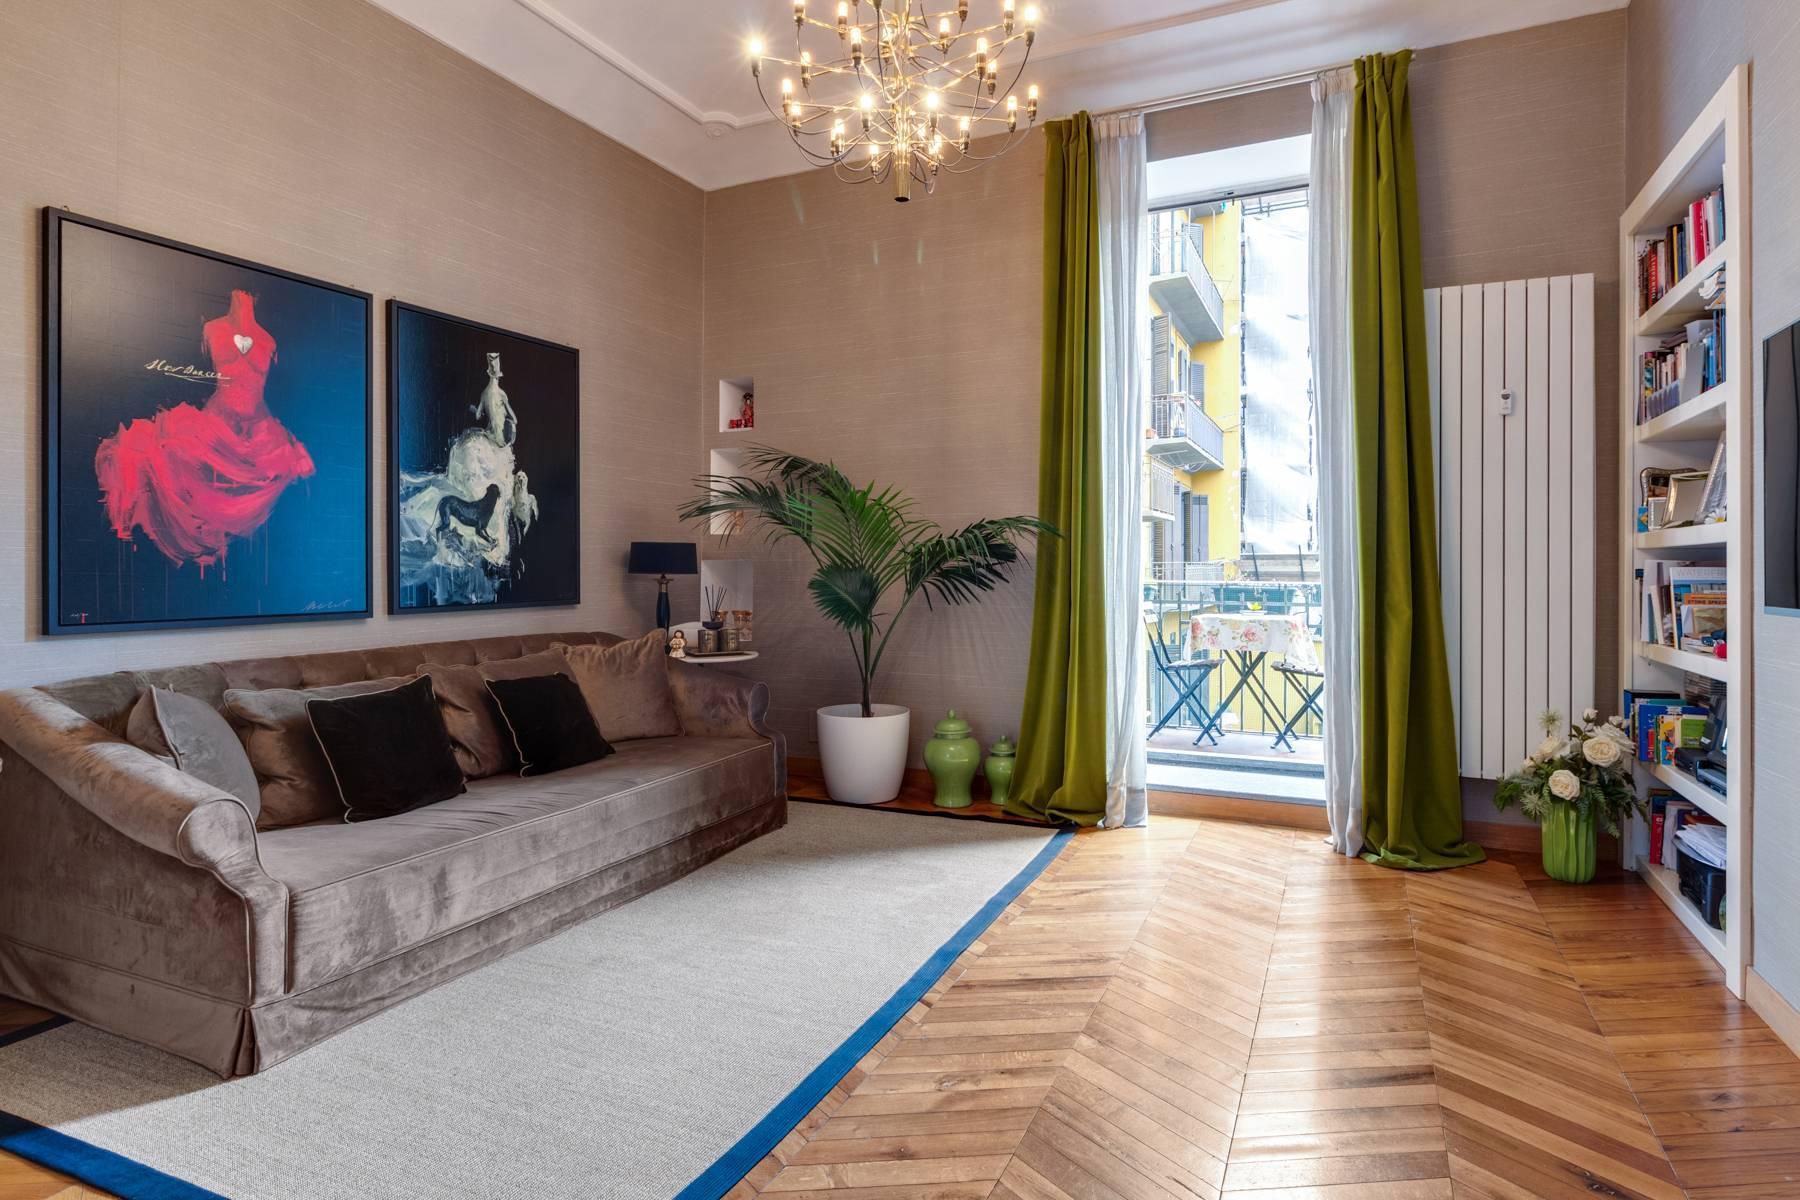 Affascinante appartamento nel cuore del quartiere Cit Turin - 10